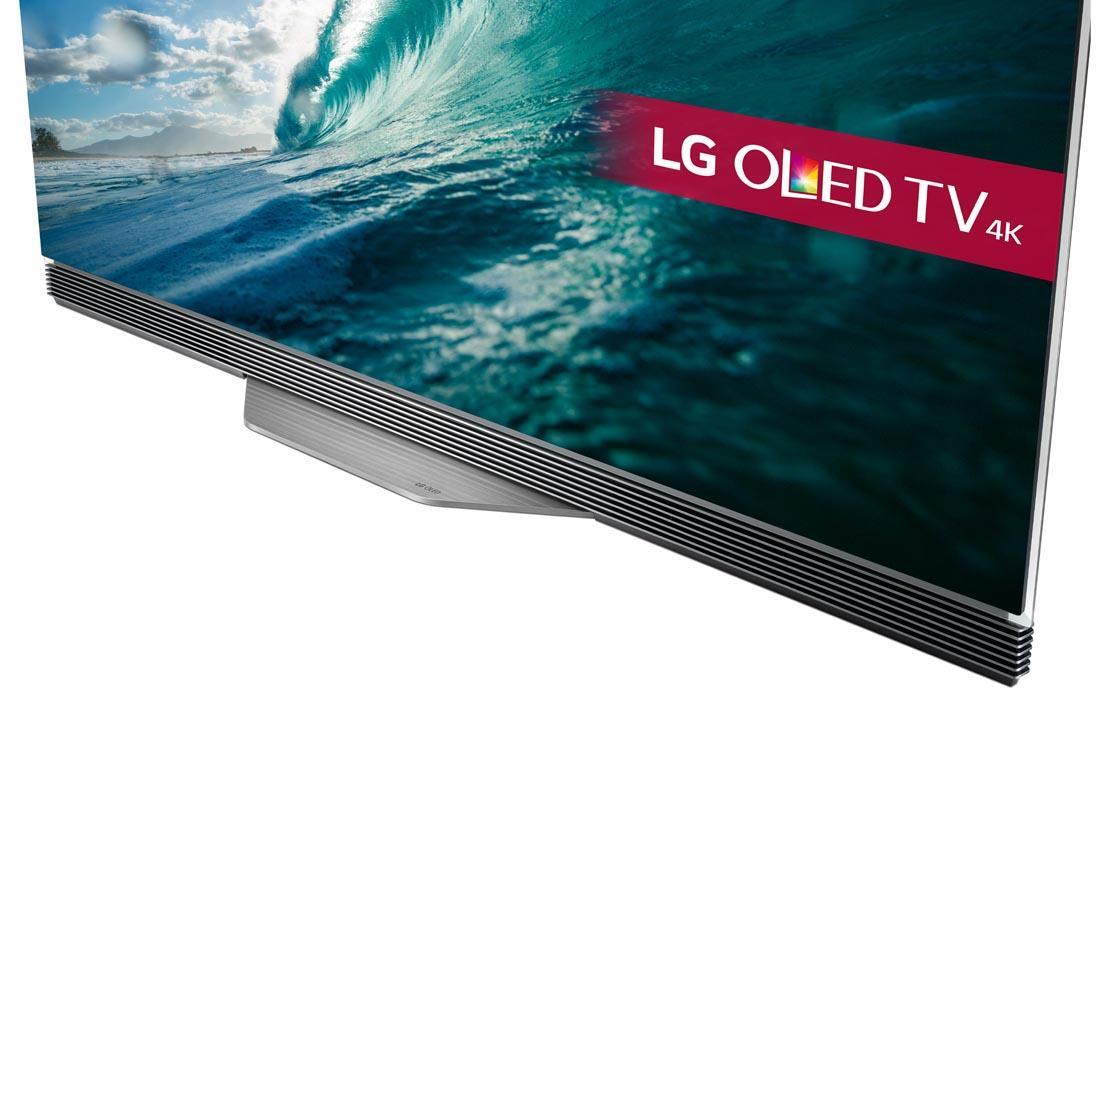 """LG OLED55E7N 55"""" 4K UHD OLED TV £2099 / £1599 after Cashback @ Seven oaks sound and vision"""